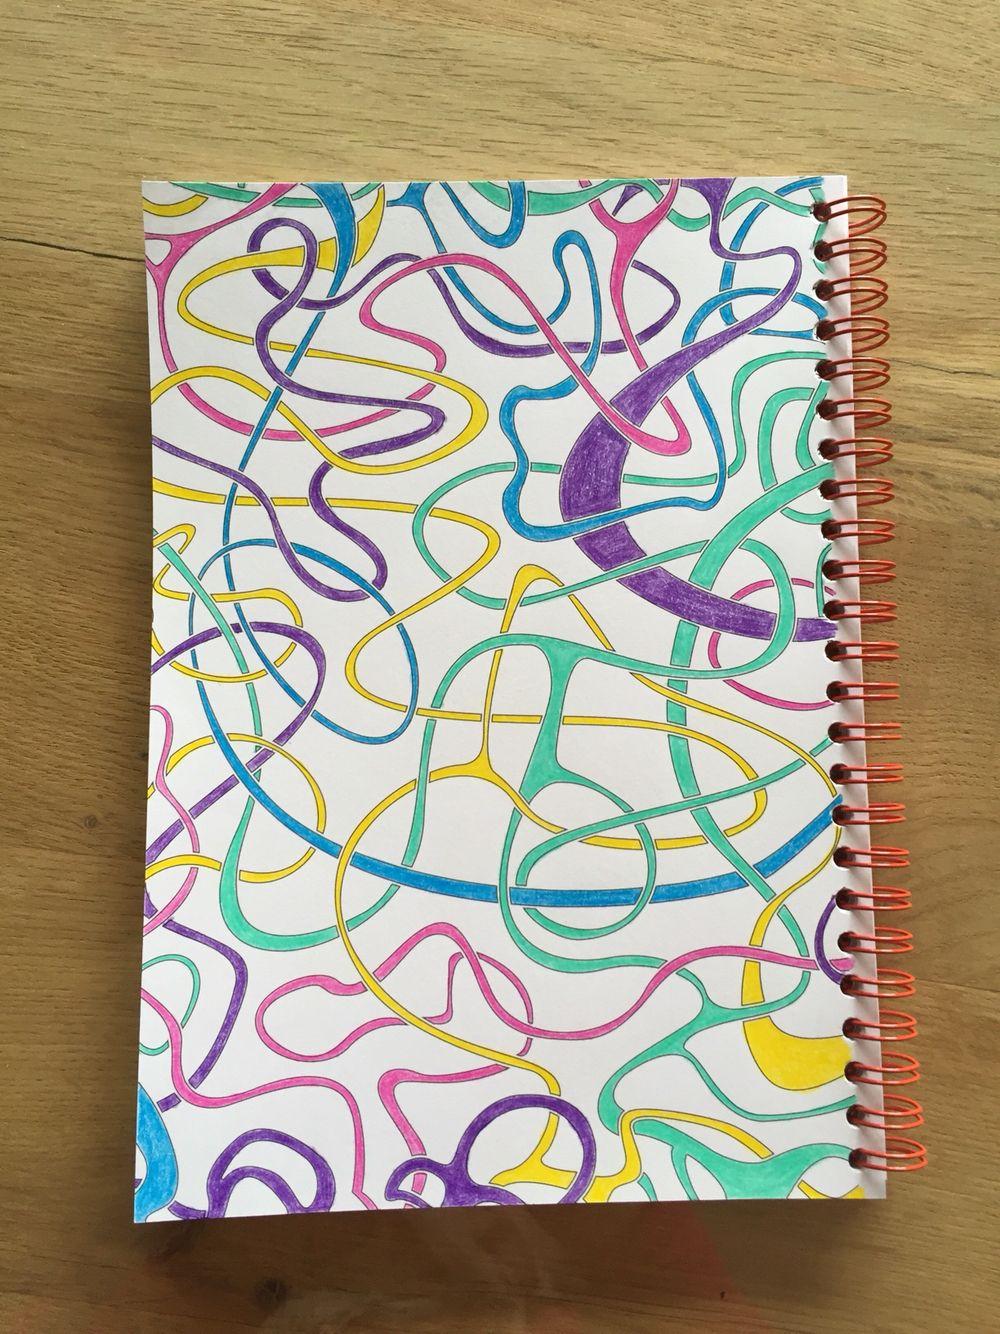 Kleurplaten Uit Kleurboek Voor Volwassenen.Kleurplaat Uit Kleurboek Voor Volwassenen Op Reis Door Mariska